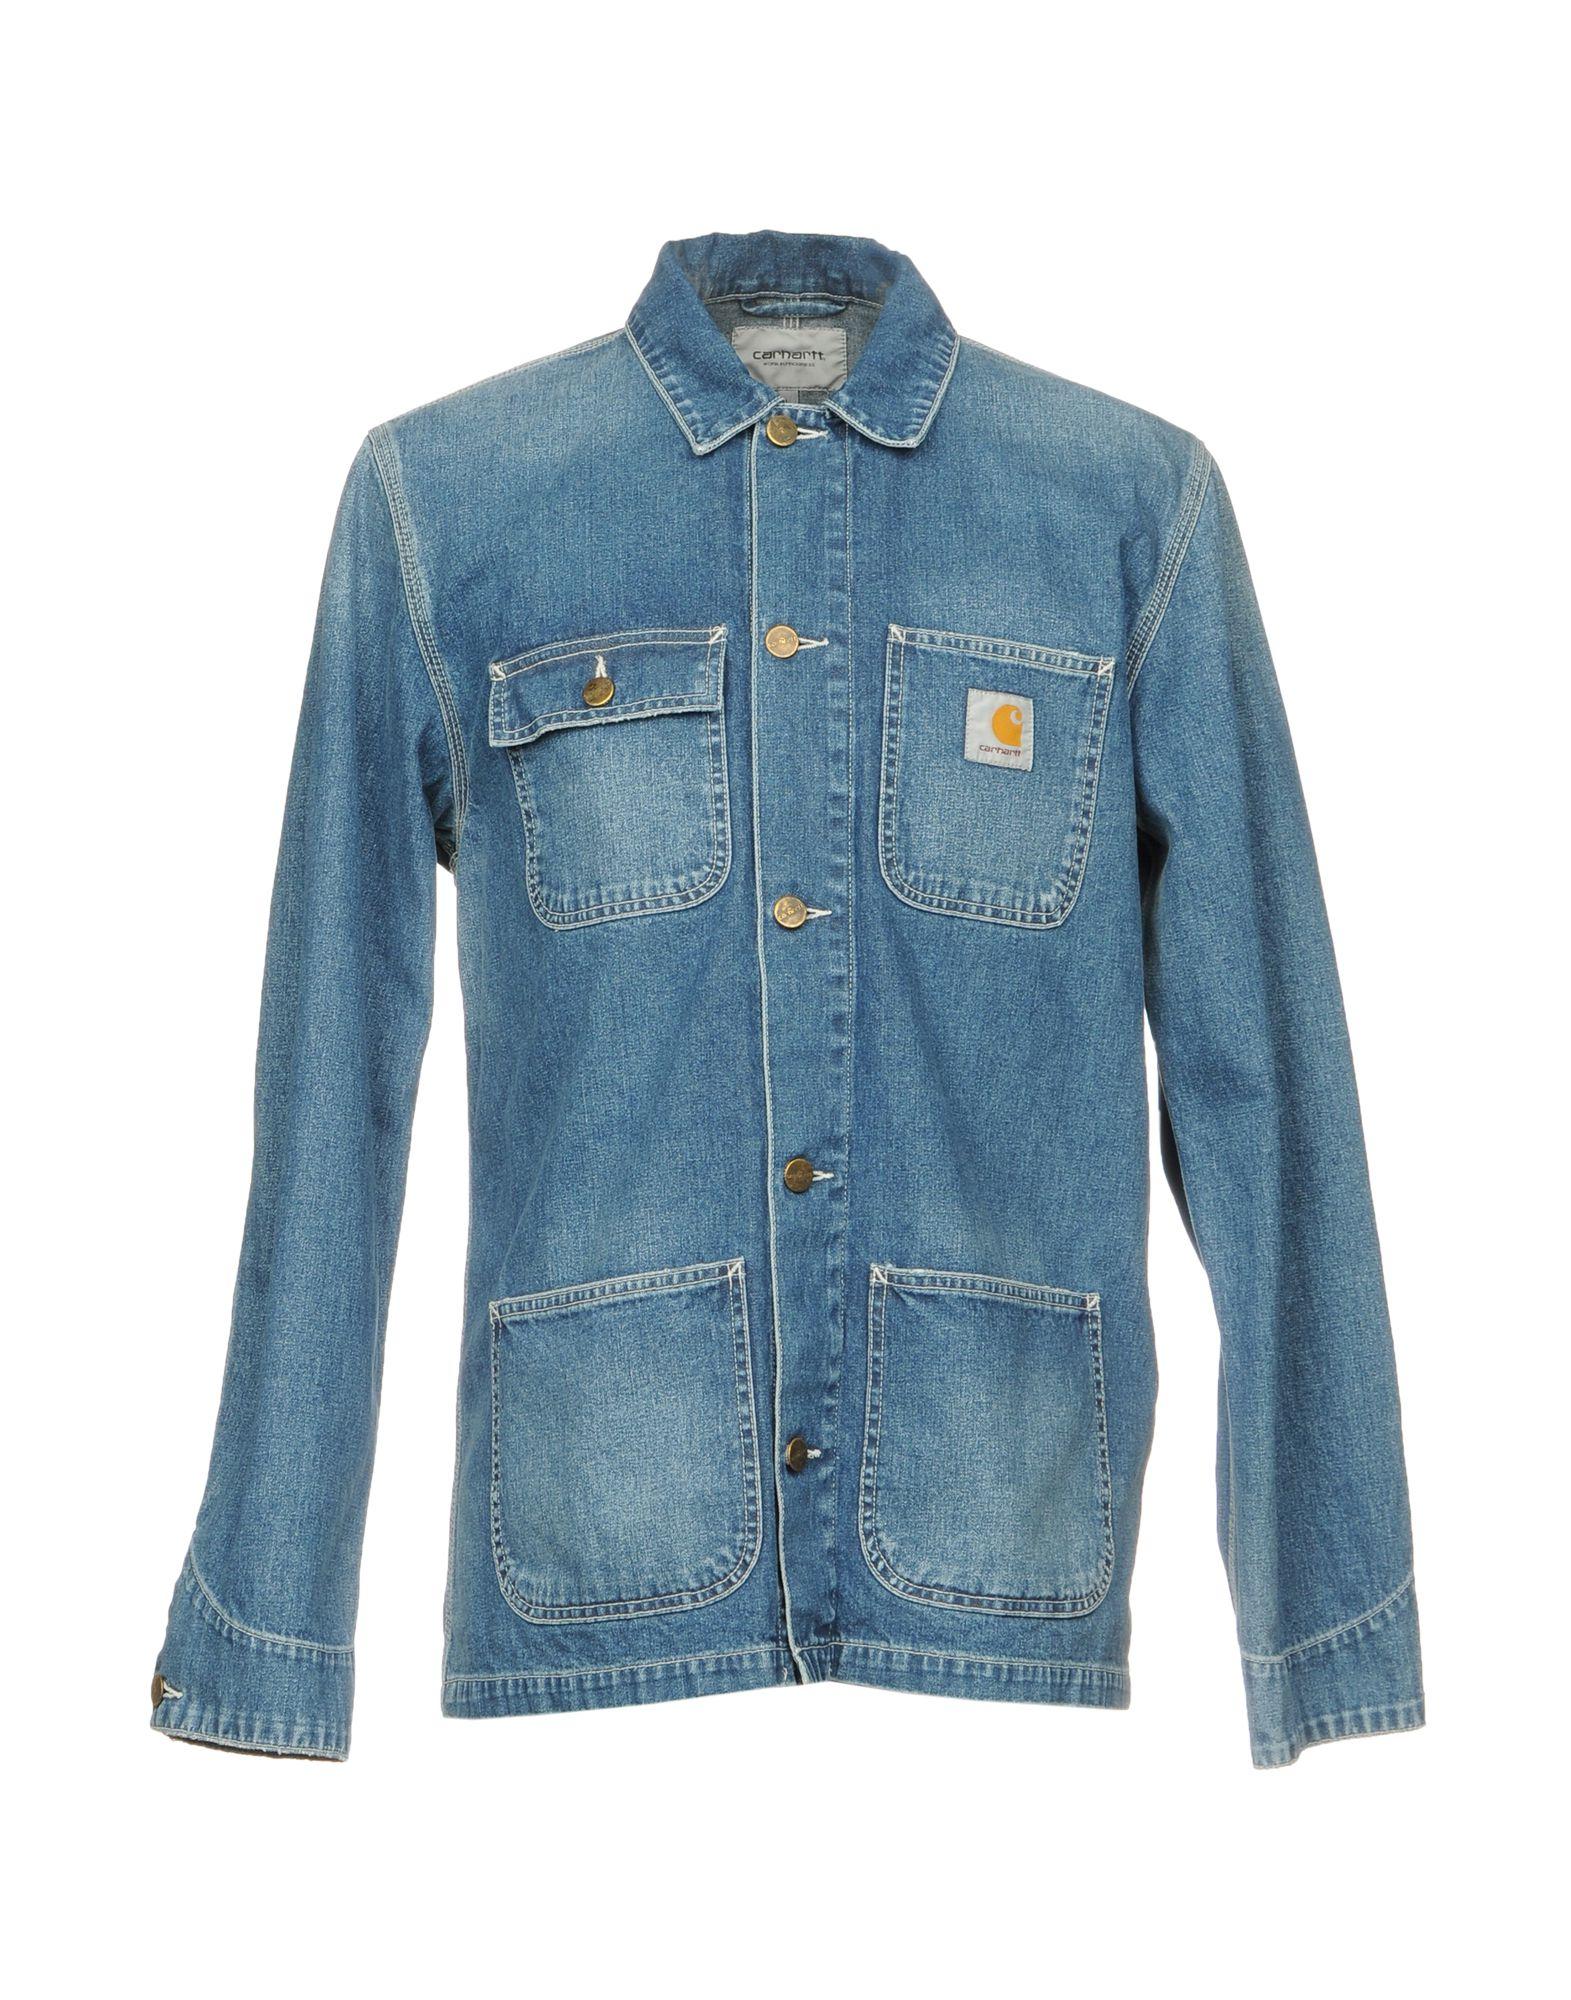 CARHARTT Джинсовая верхняя одежда represent джинсовая верхняя одежда